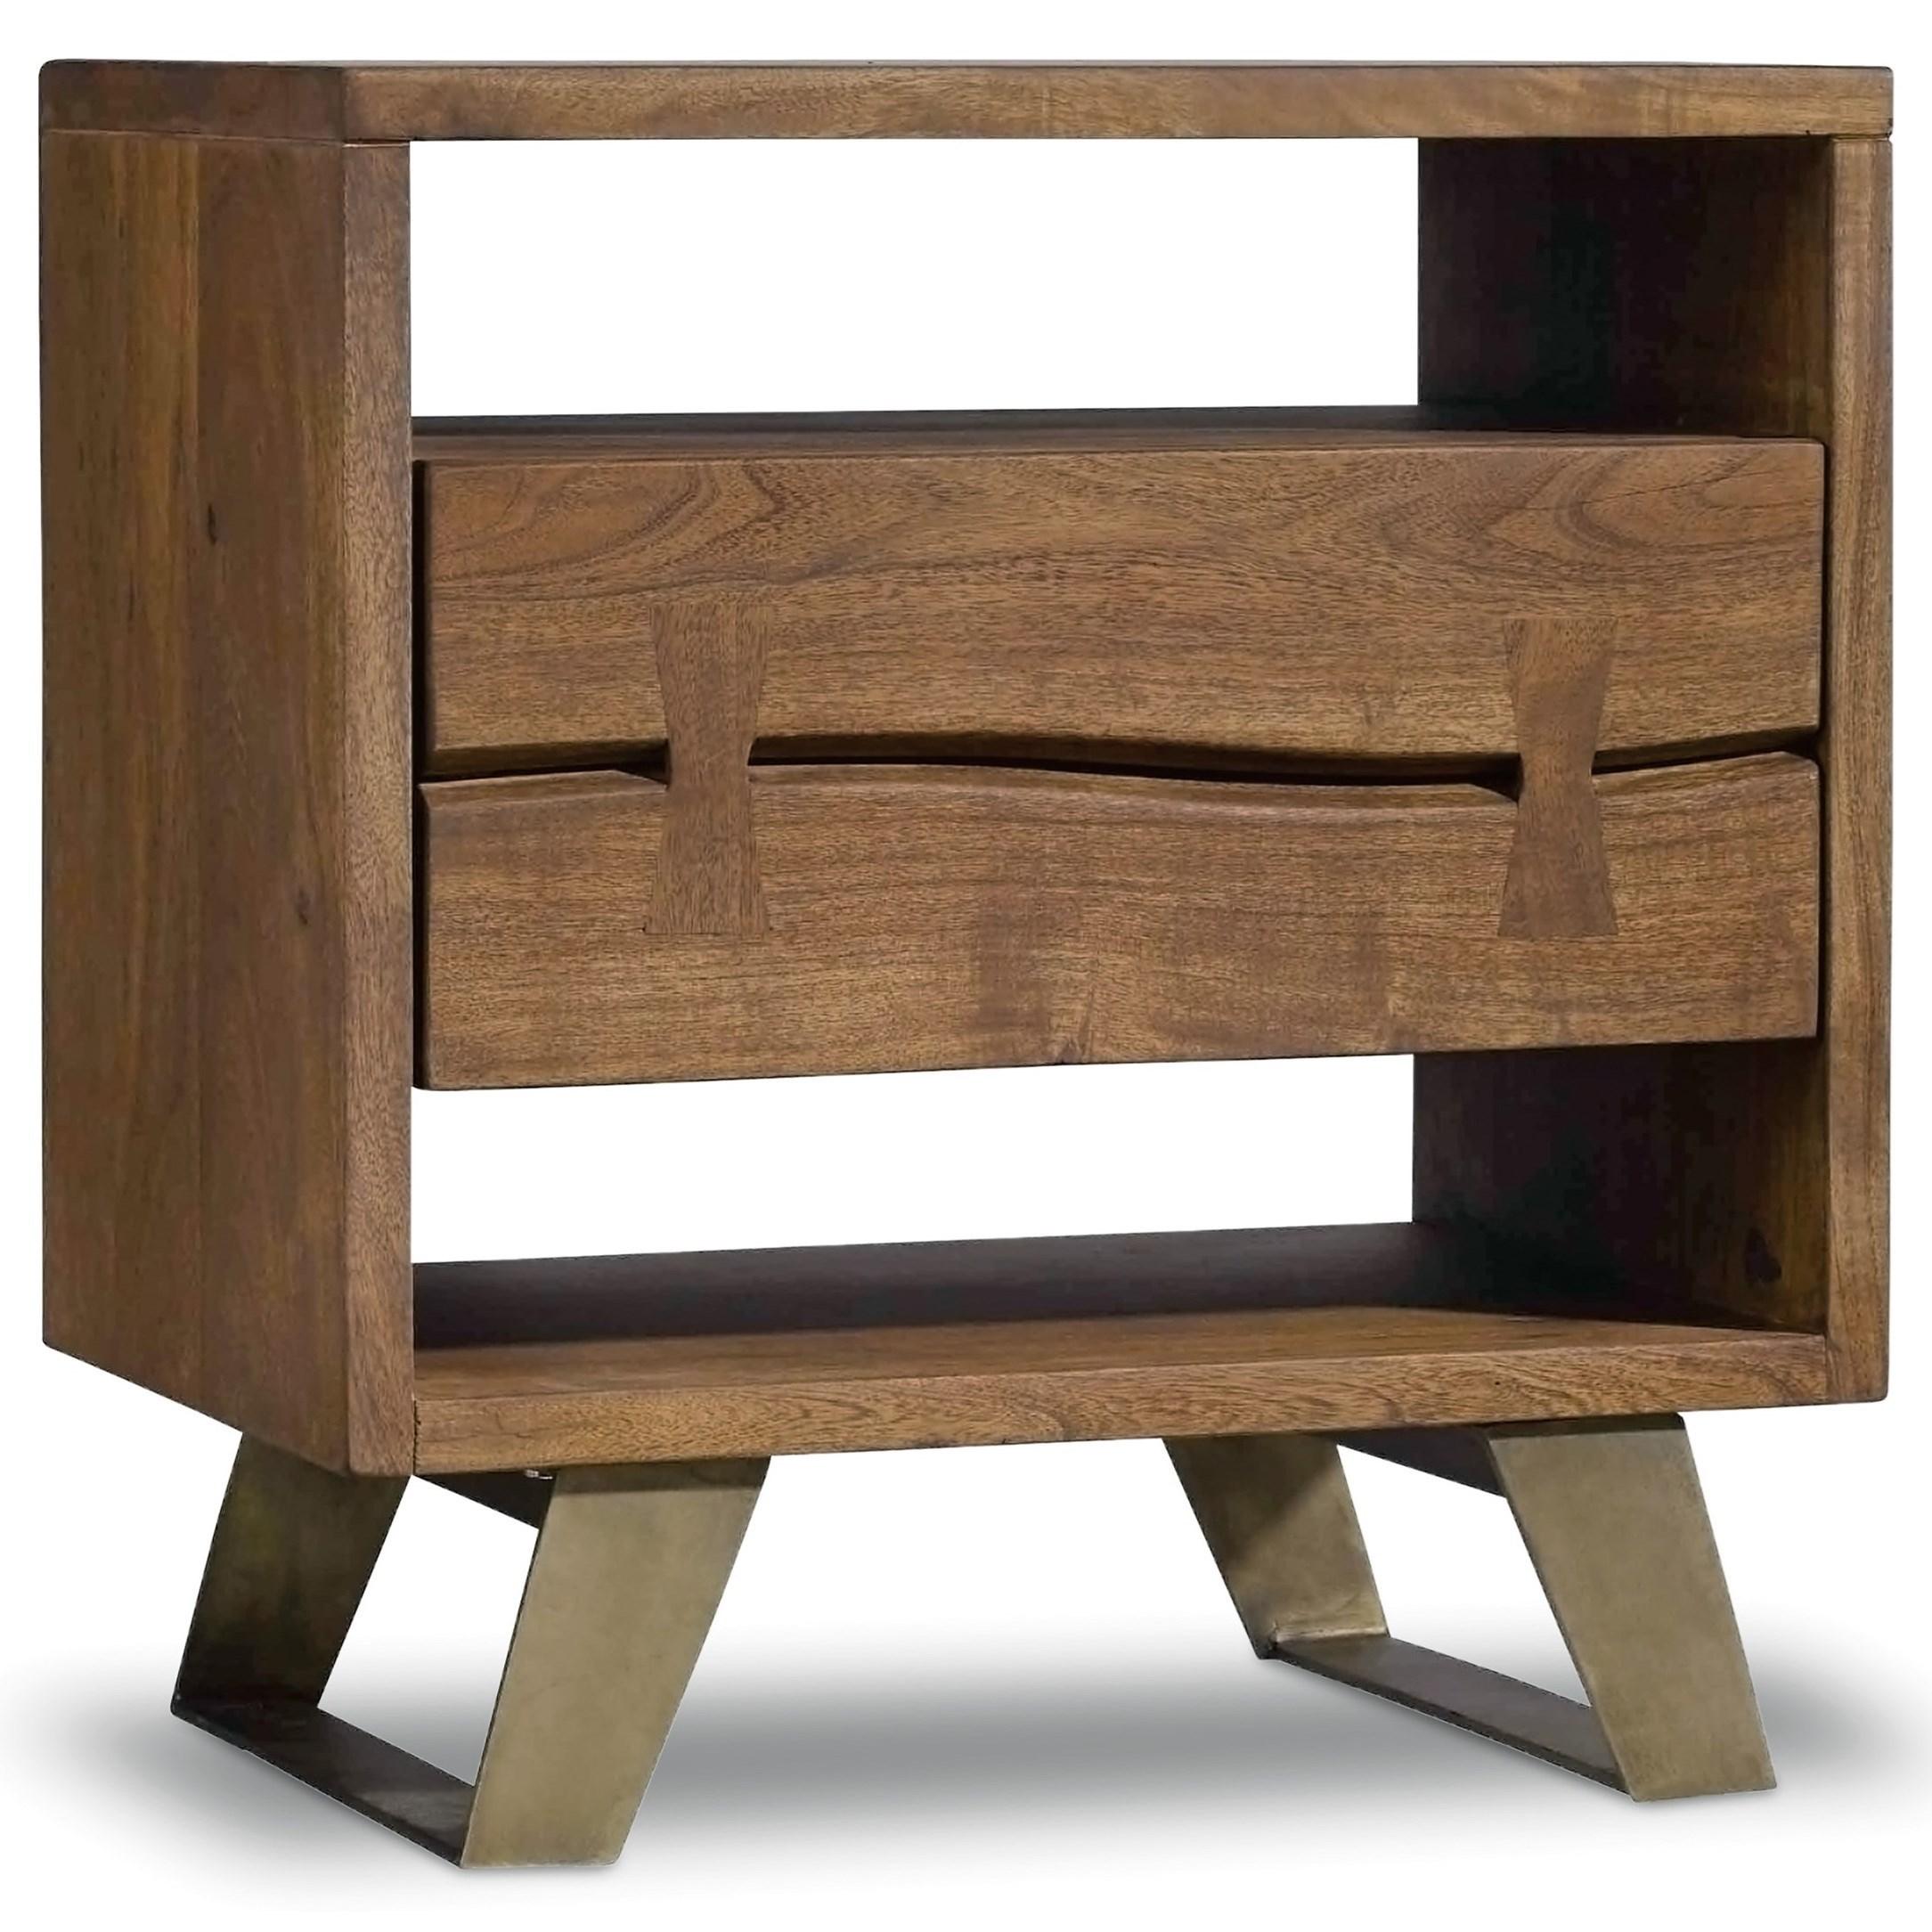 Hooker Furniture Transcend One Drawer Nightstand - Item Number: 7000-90015